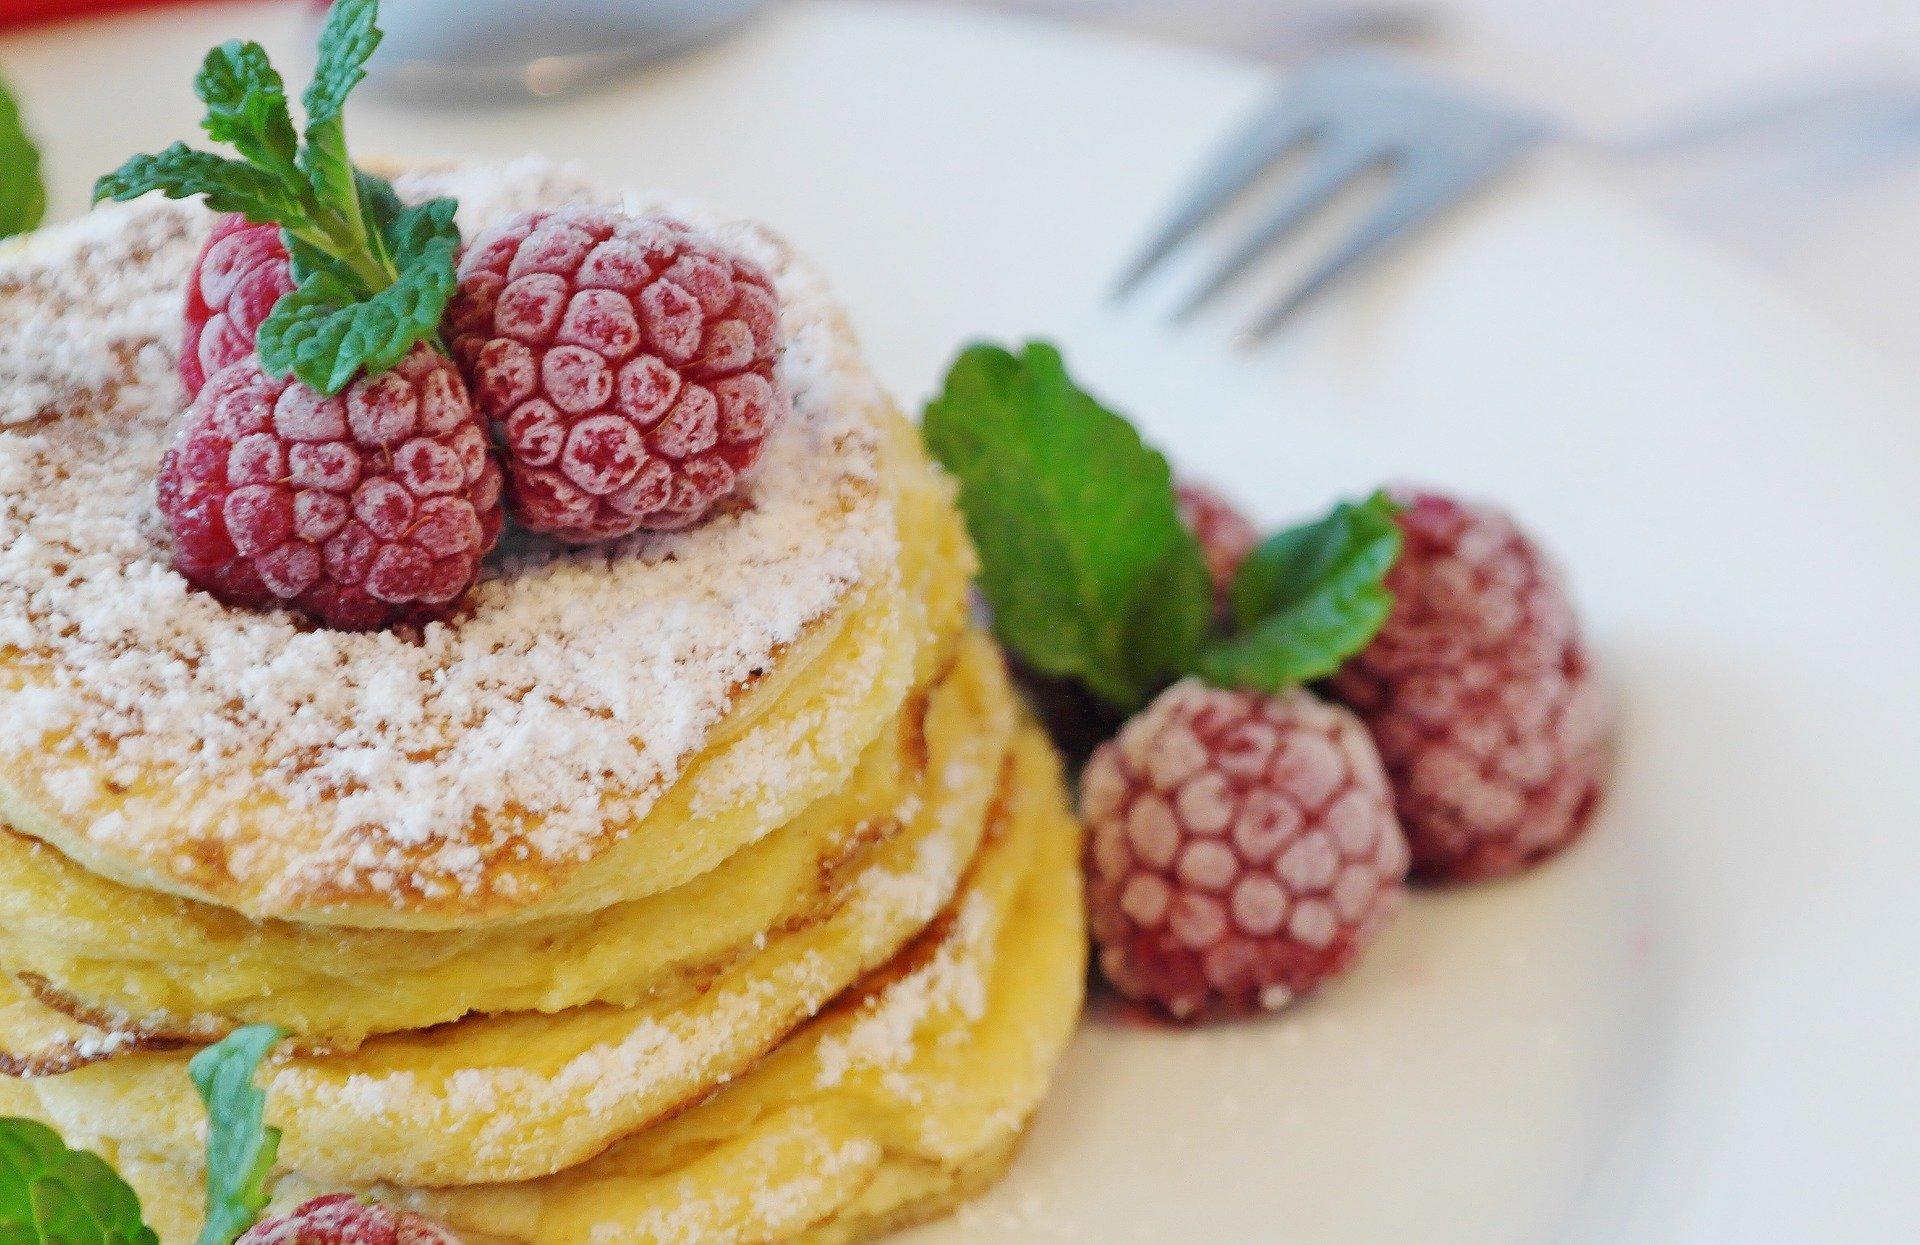 Colazione da ellsey dolly – Crepes o Pancakes? Tutti e due!